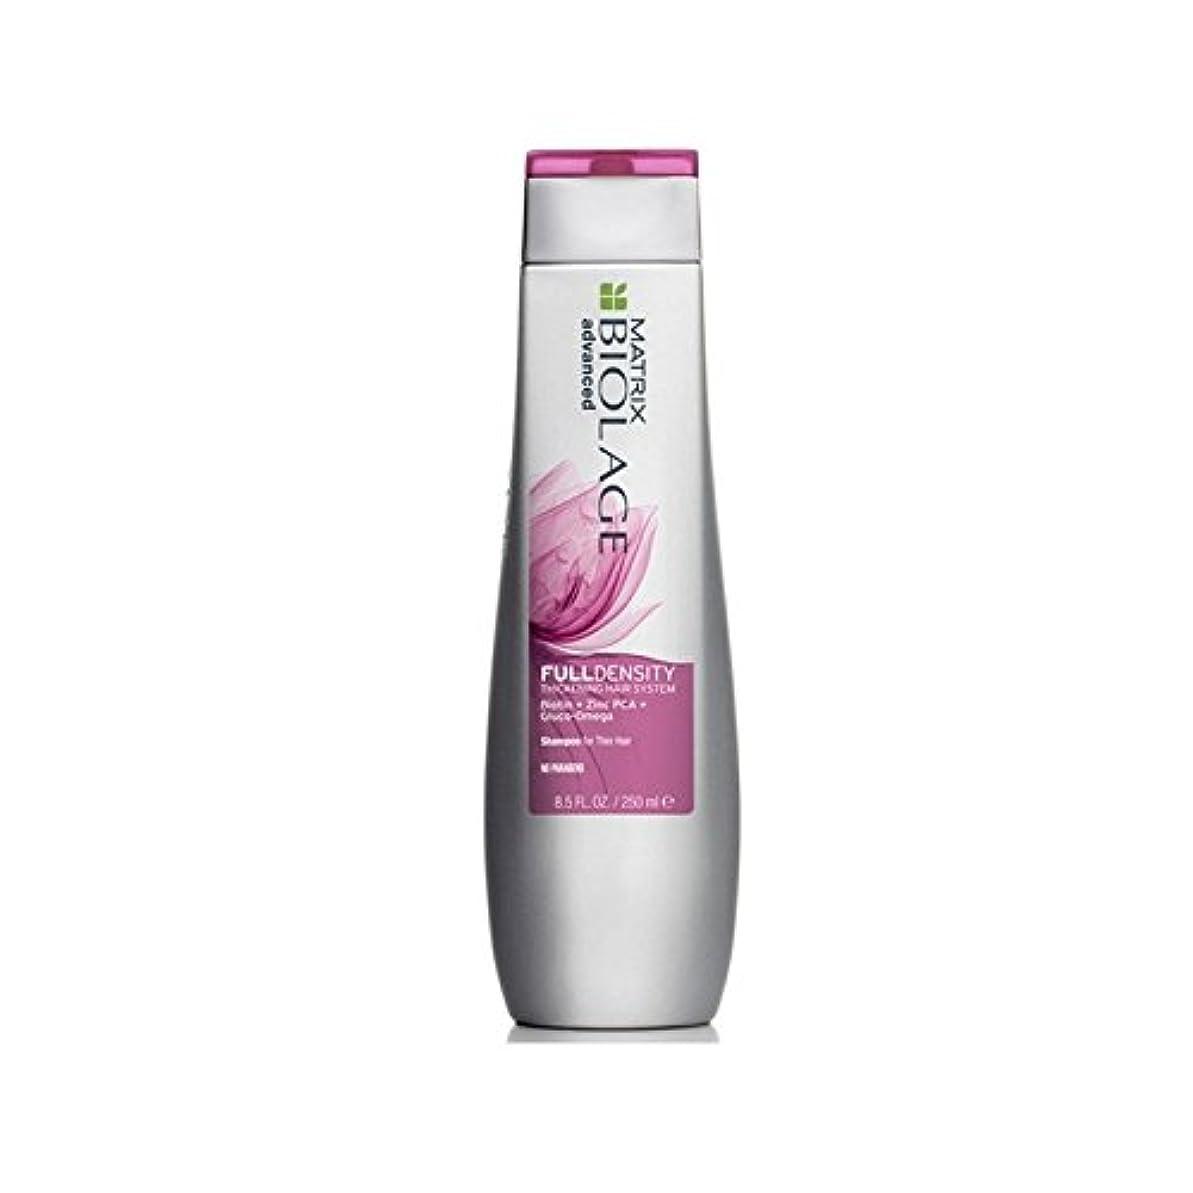 発音するつば砂Matrix Biolage Full Density Shampoo (250ml) (Pack of 6) - マトリックスバイオレイジ完全密度シャンプー(250ミリリットル) x6 [並行輸入品]